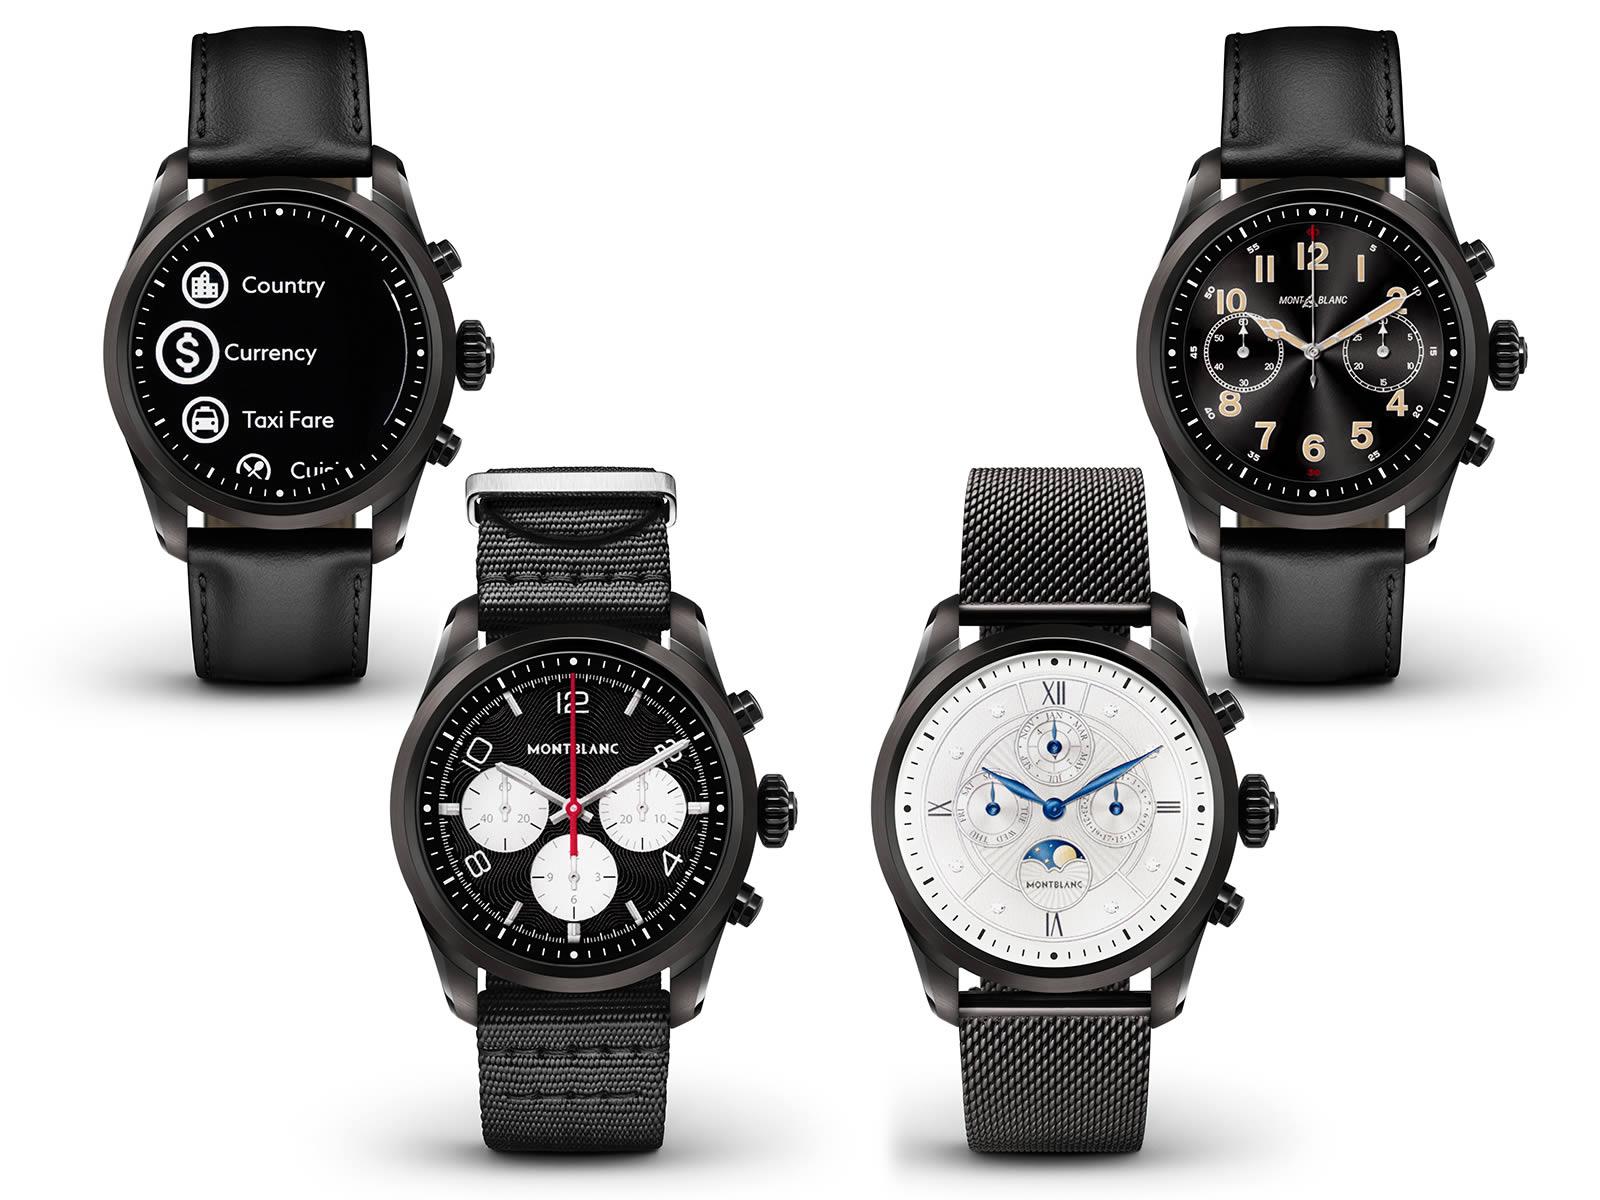 montblanc-summit-2-smartwatch-4-.jpg